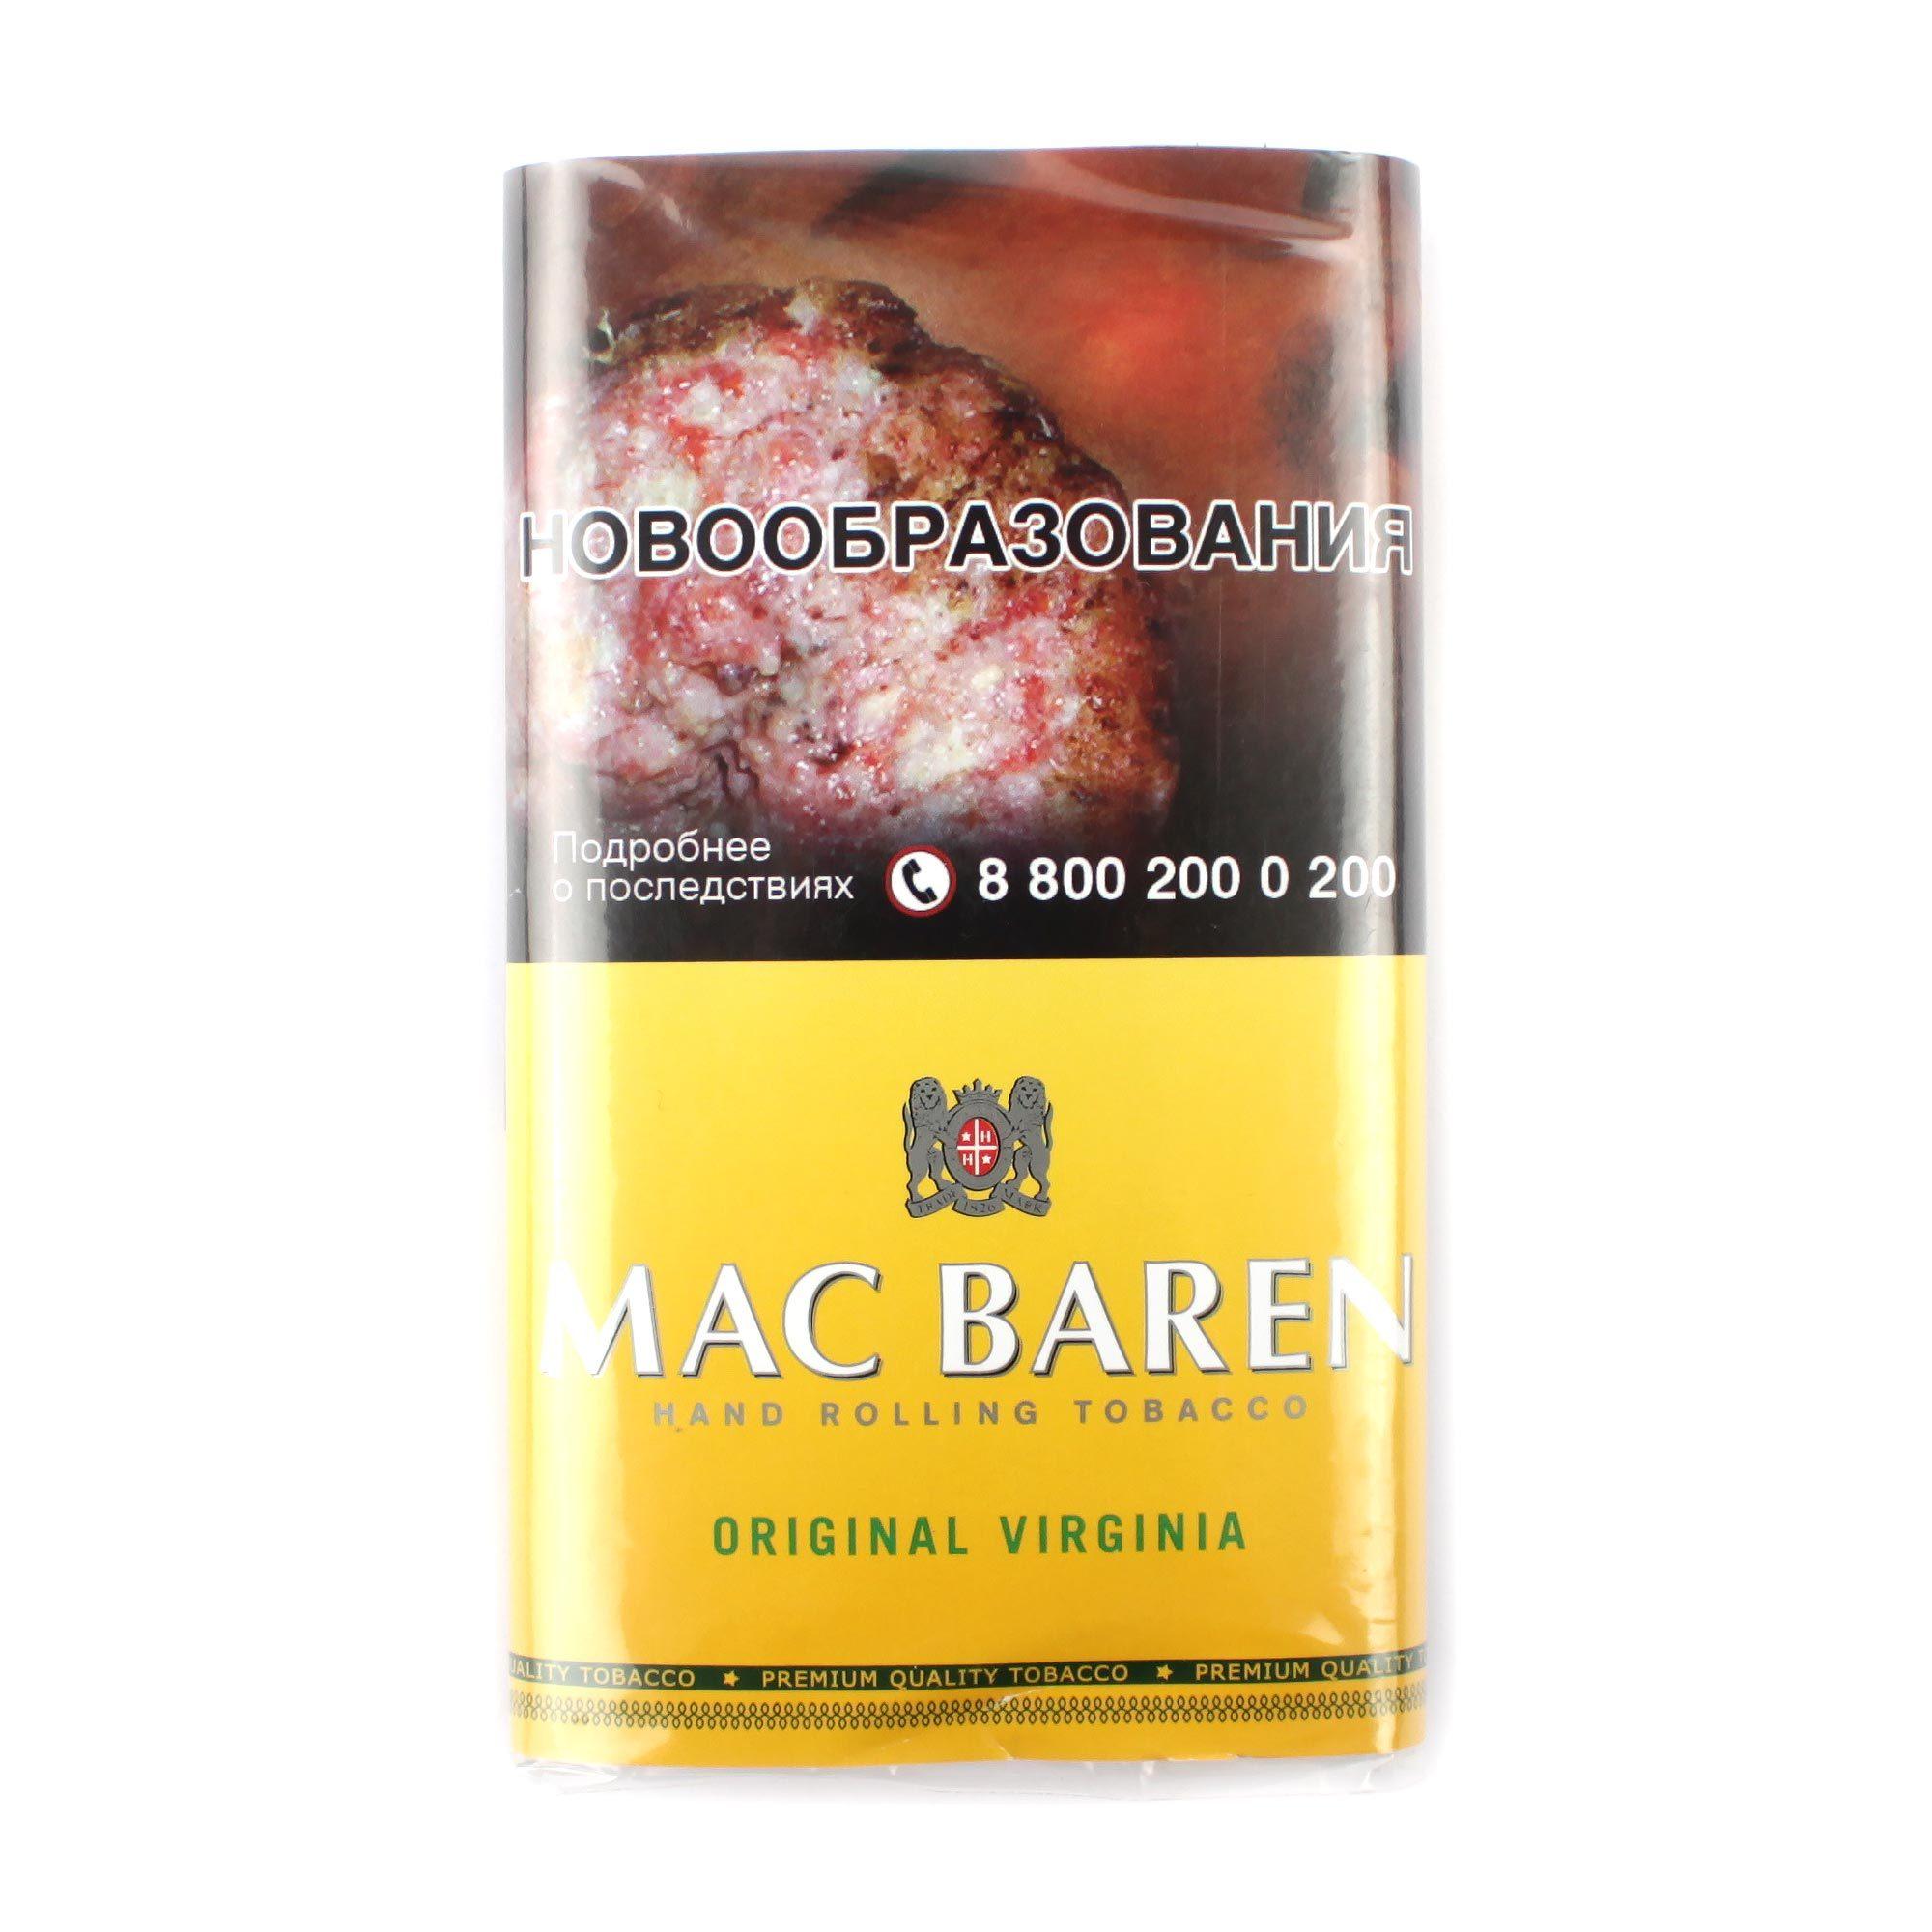 Табак сигаретный Mac Baren ORIGINAL VIRGINIA 40 гр